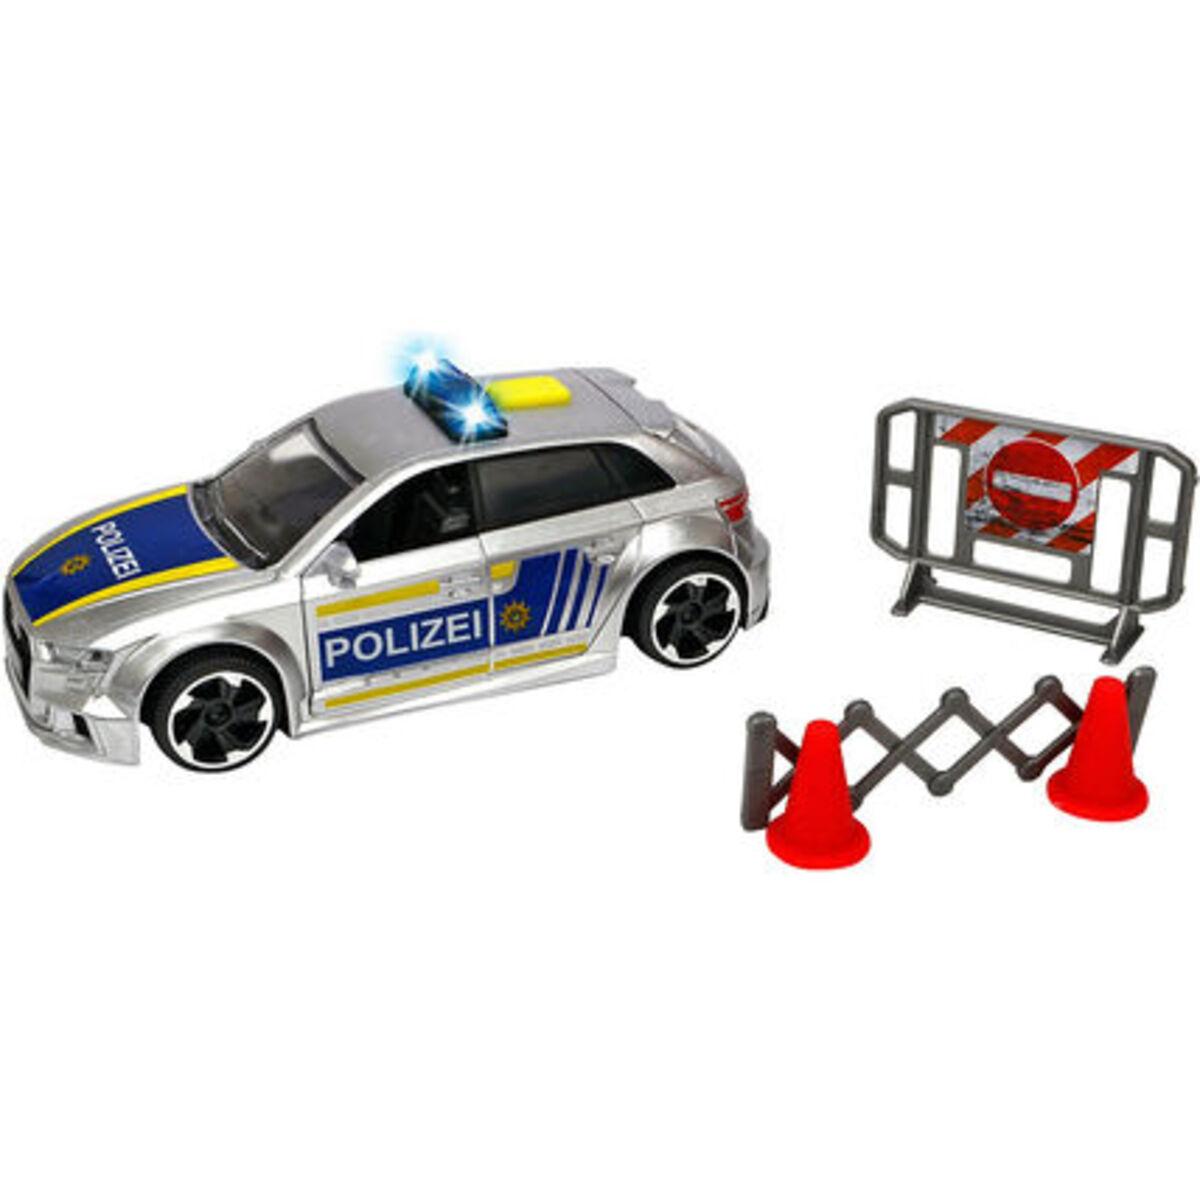 Bild 2 von Dickie Toys Audi RS3 Polizei